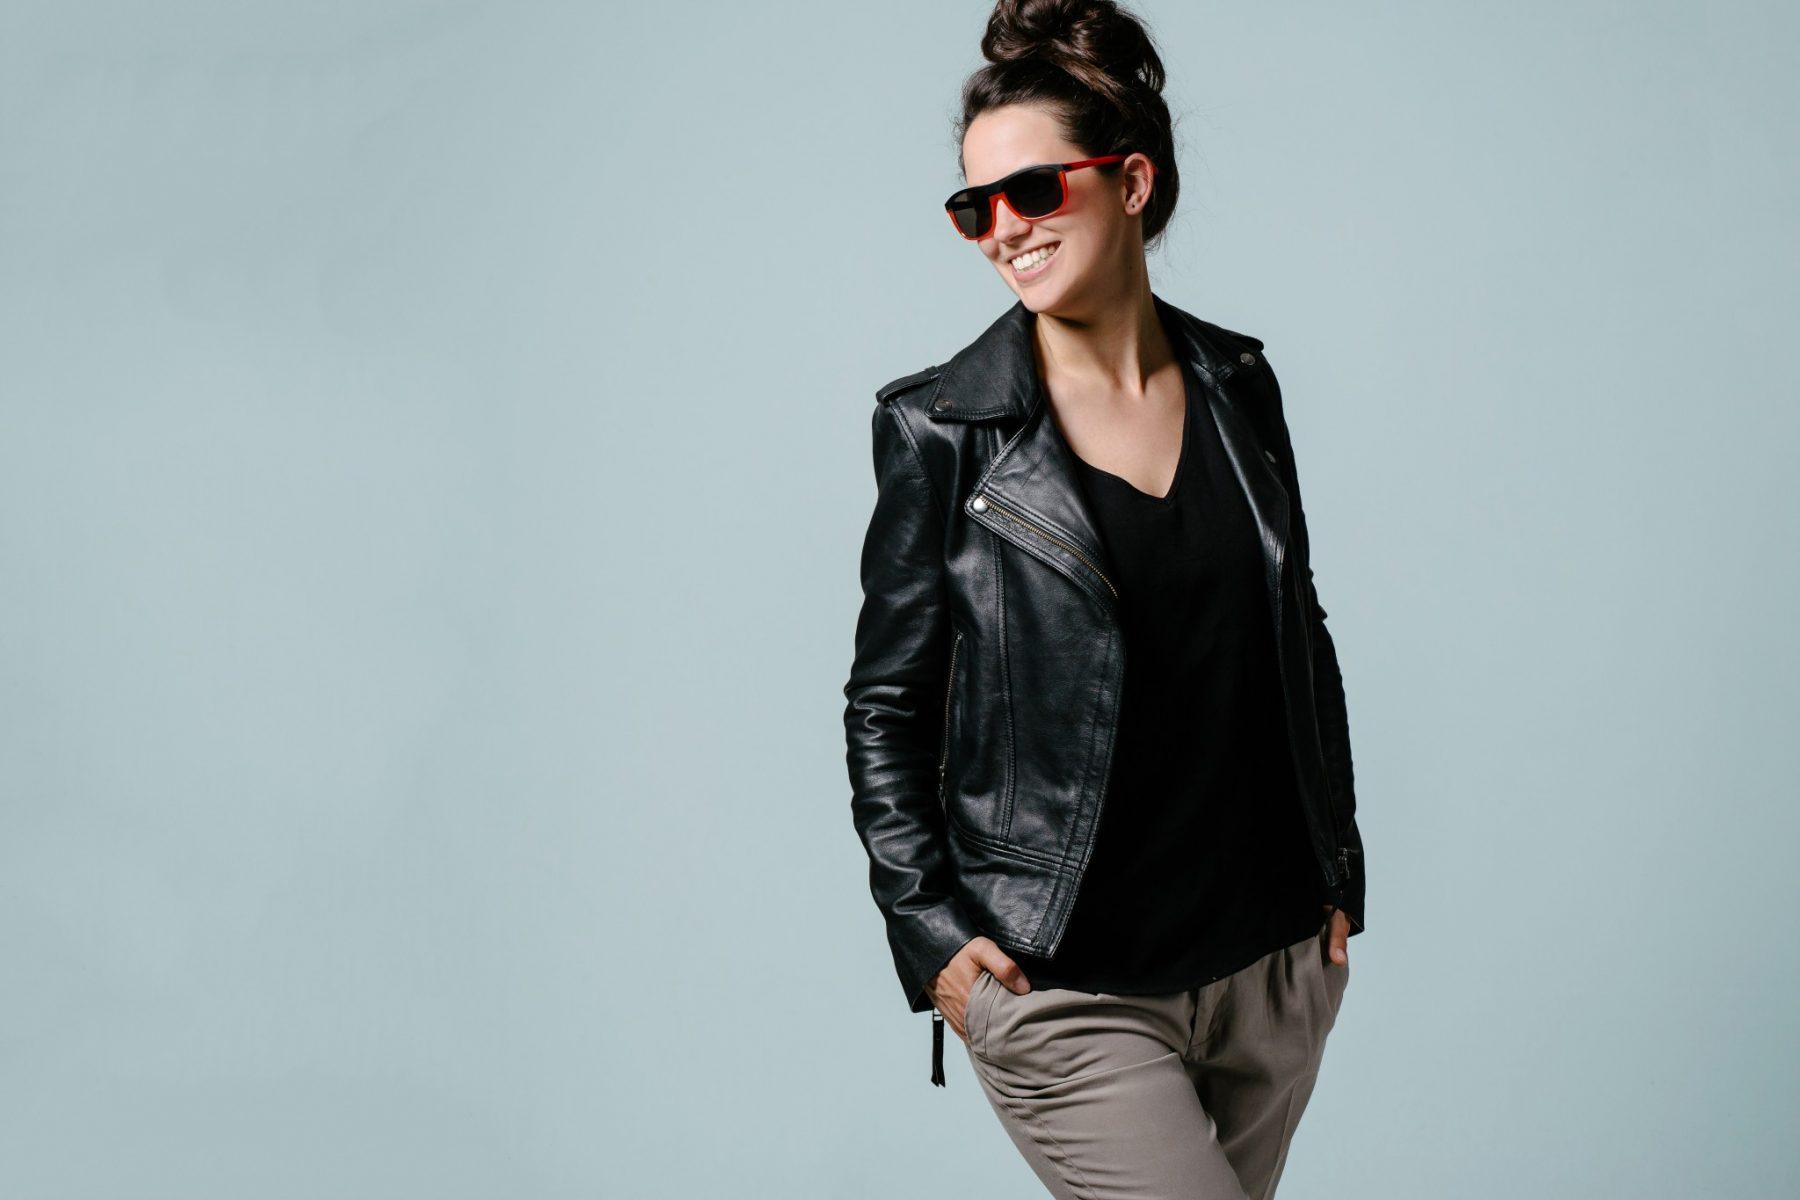 Diane sunglasses pour Nogs